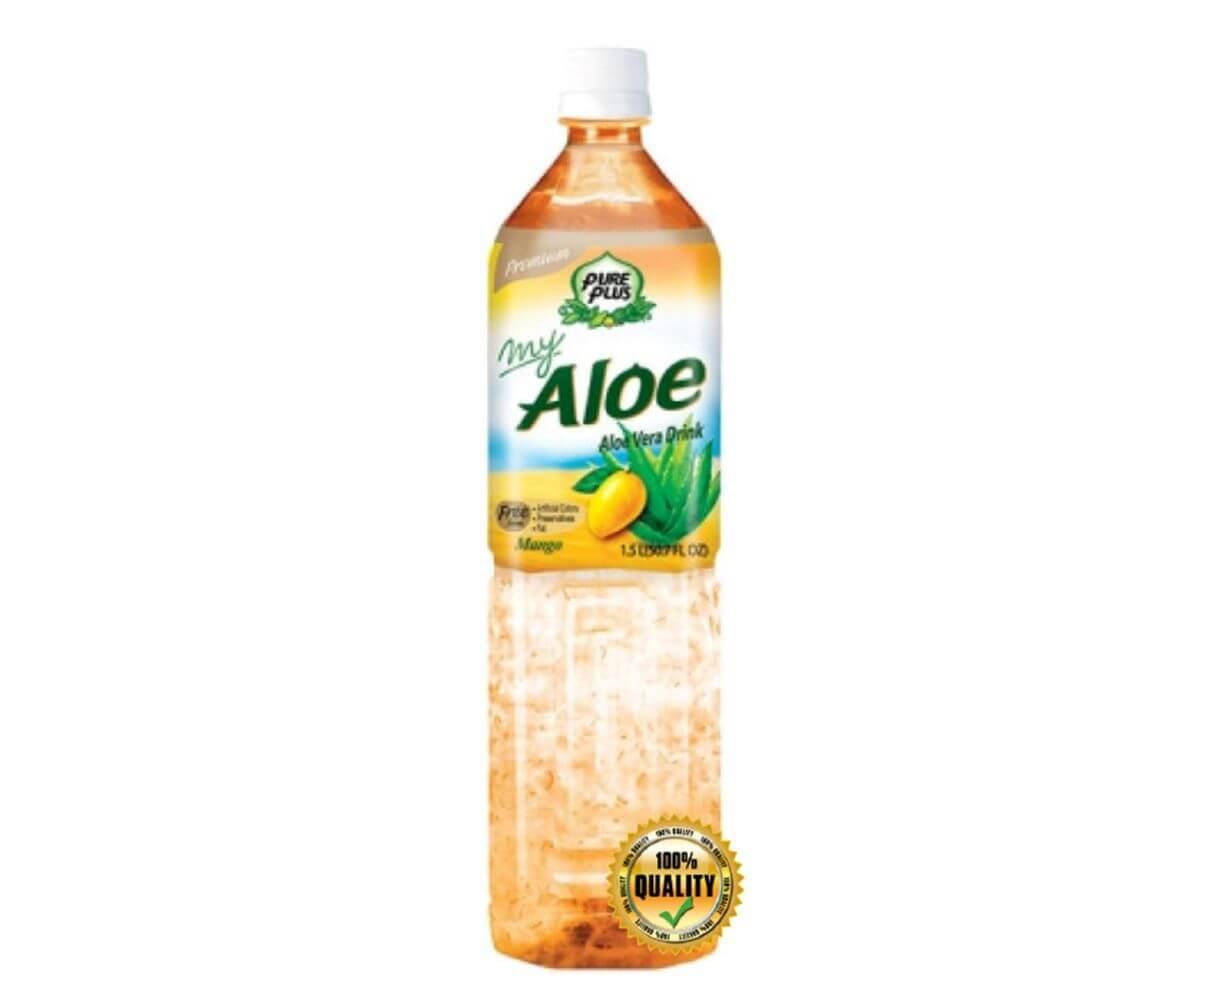 Bevanda all'aloe vera al gusto di mango 1,5 lt